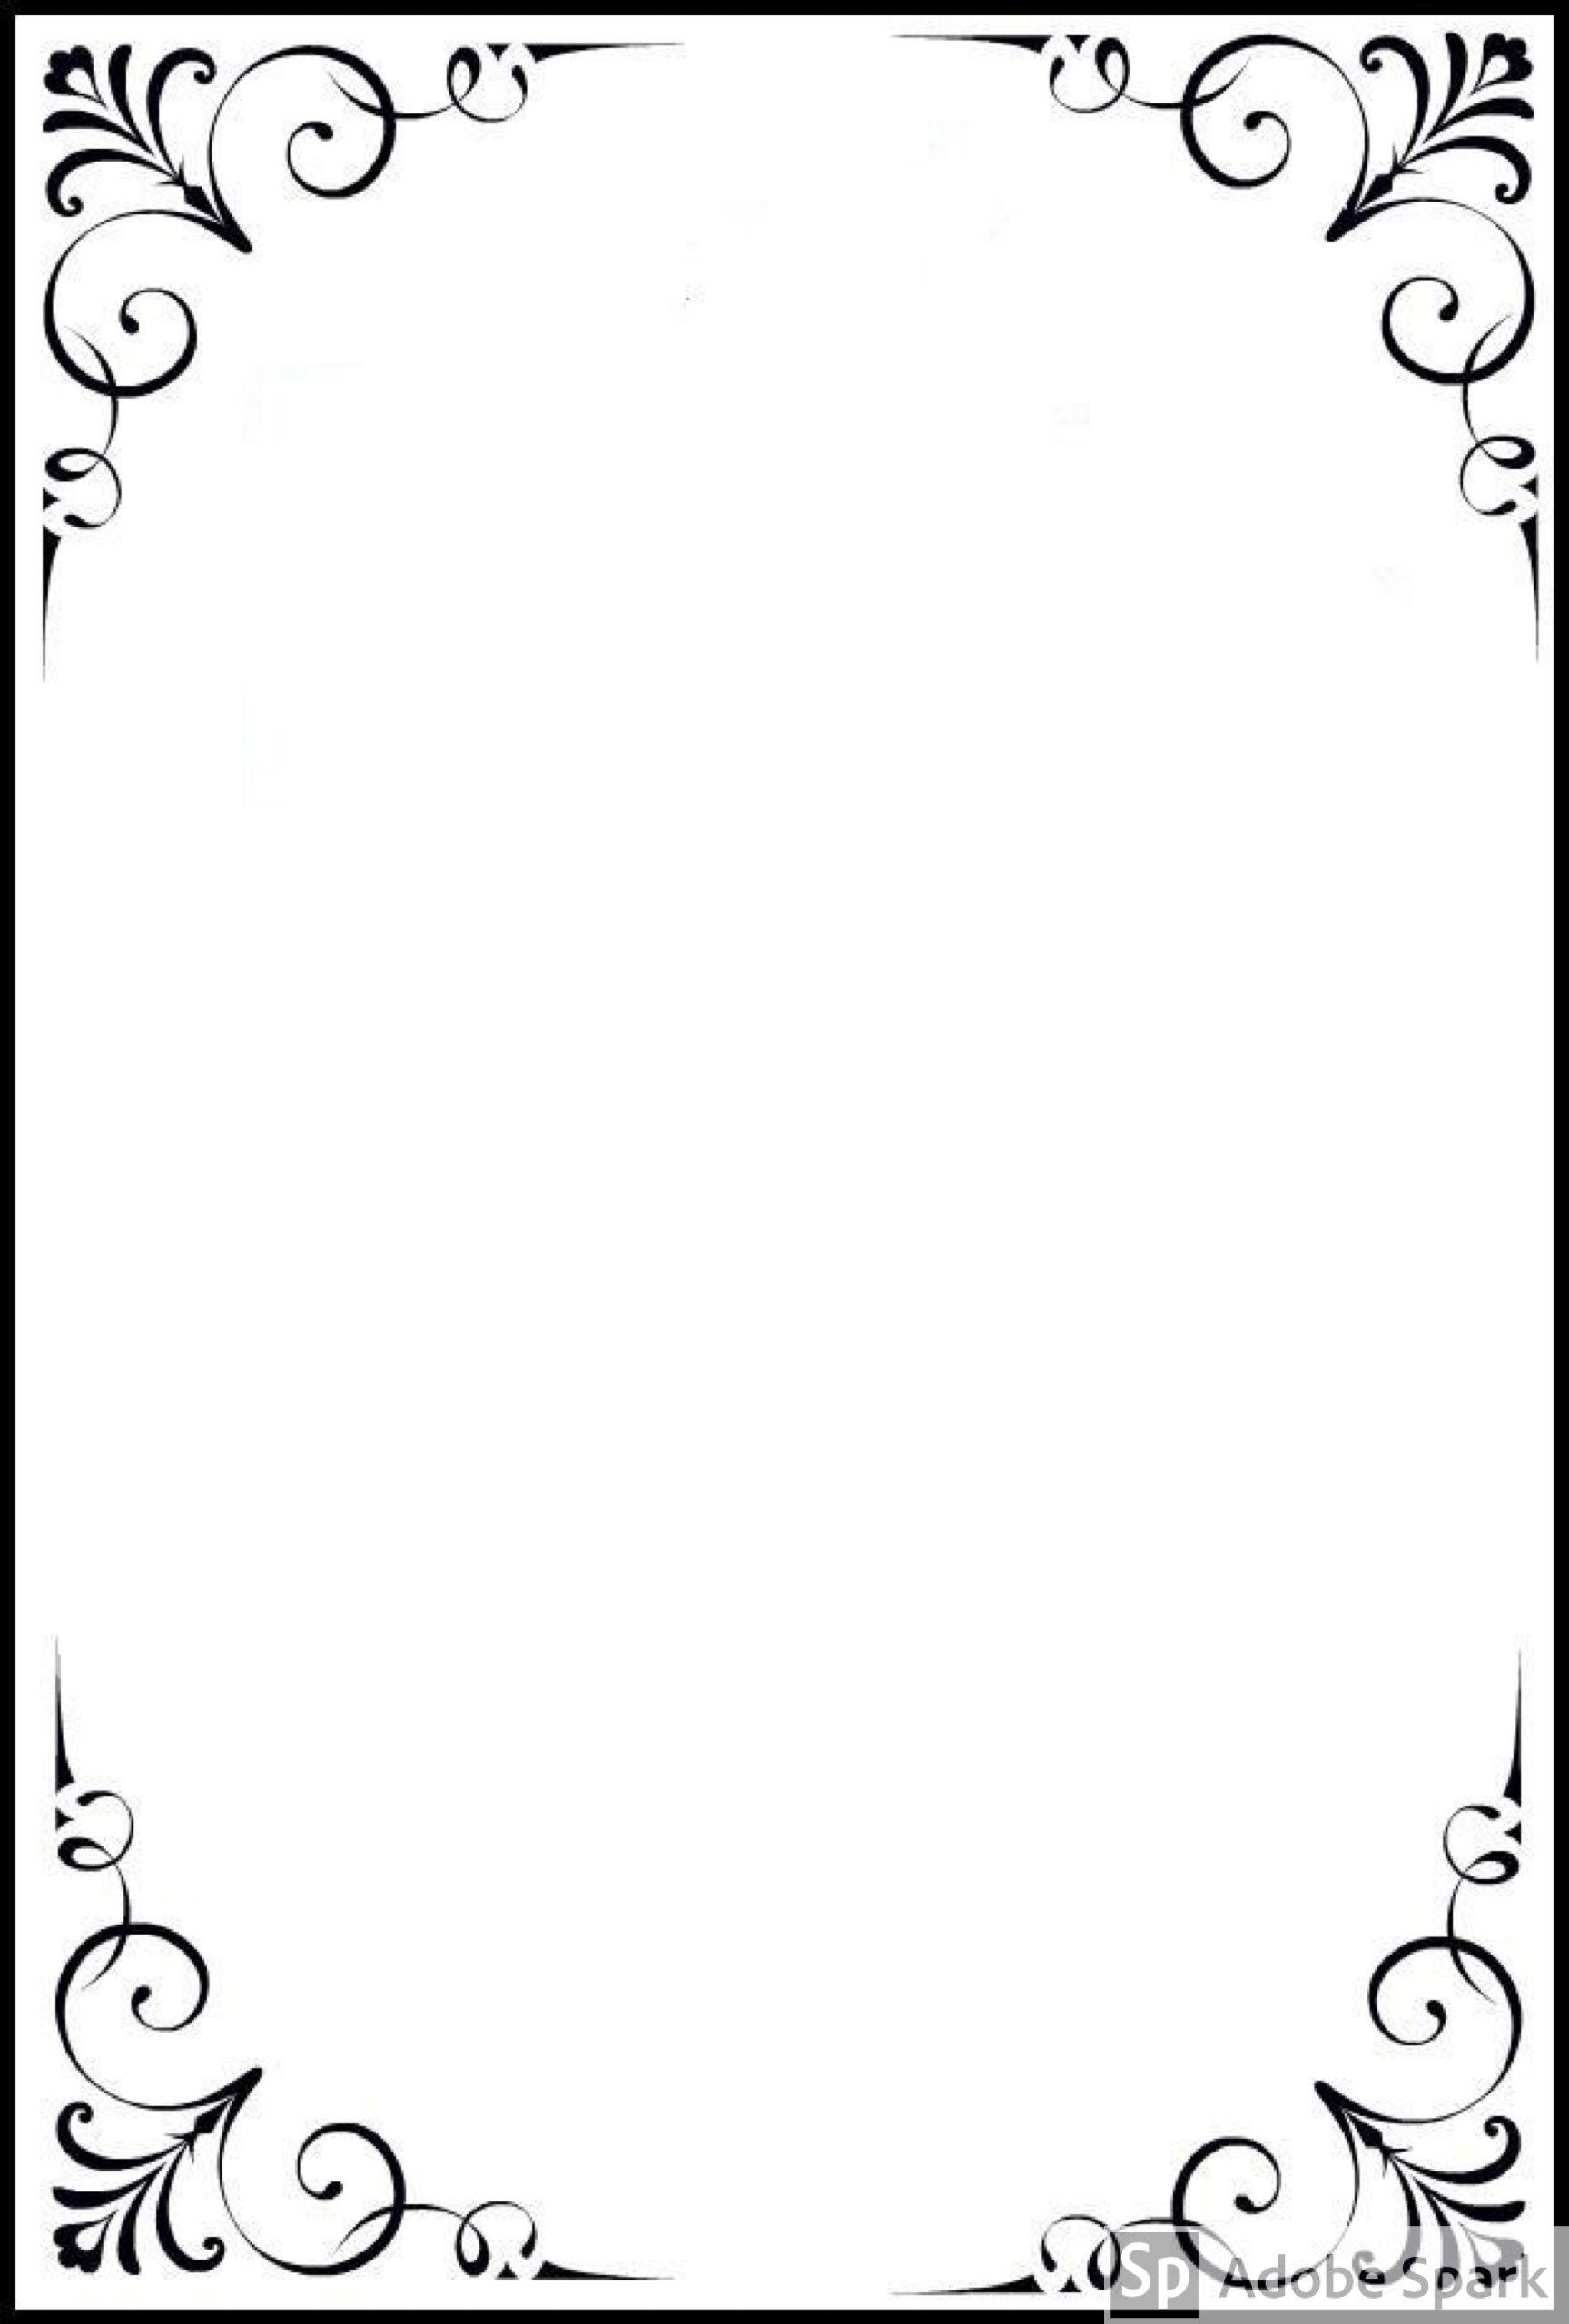 Hiasan Bingkai : hiasan, bingkai, Designs, Bingkai, Foto,, Bingkai,, Kartu, Pernikahan